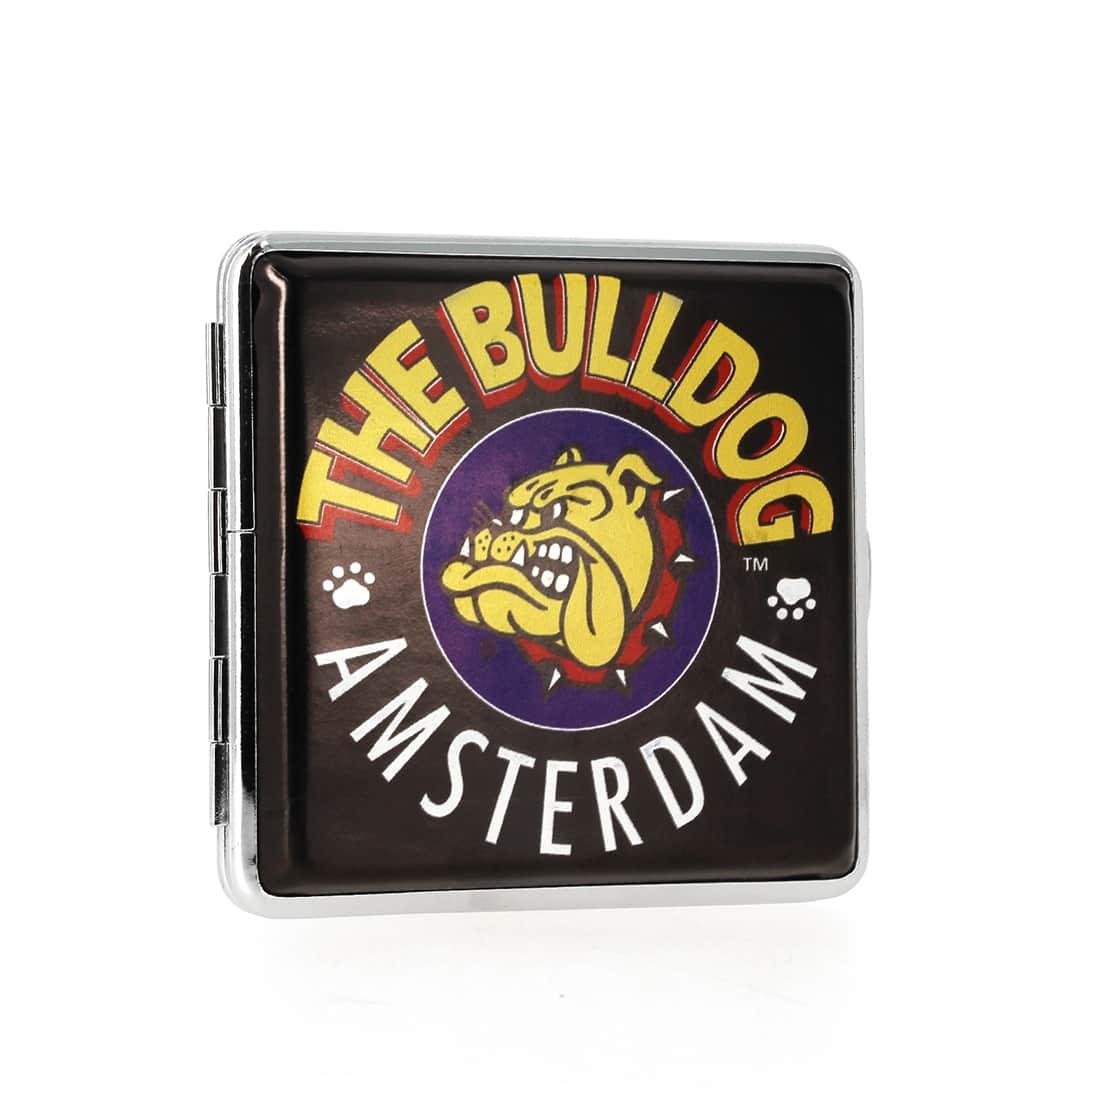 Photo de Etui cigarette The Bulldog Amsterdam